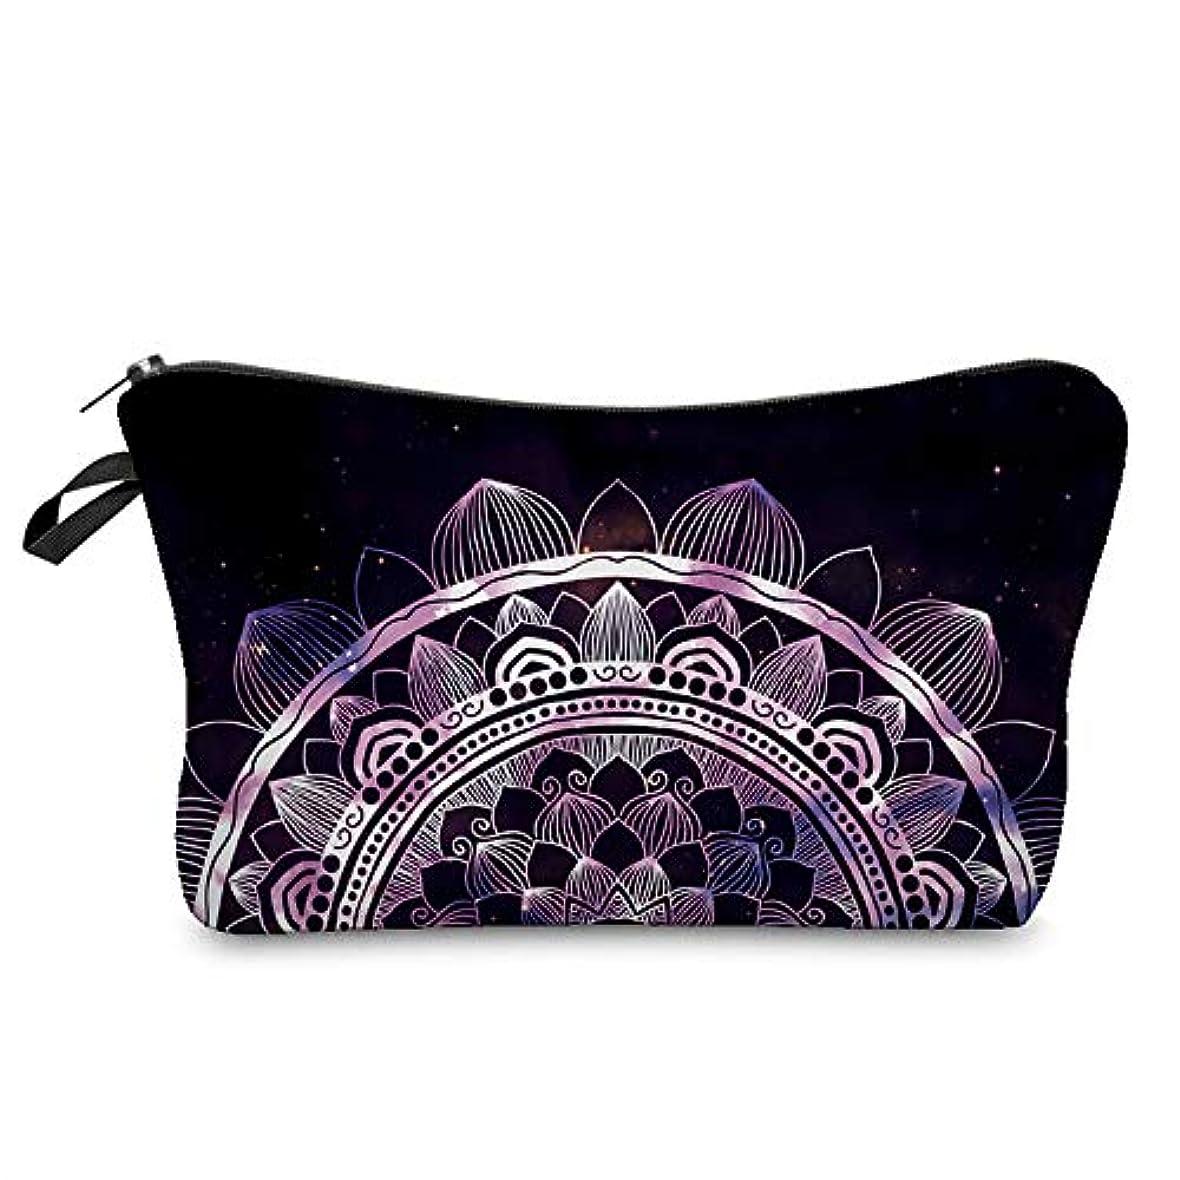 うるさい手のひらバーマド1st market 優れた3D曼荼羅印刷化粧品オーガナイザーバッグ女性旅行化粧ポーチ